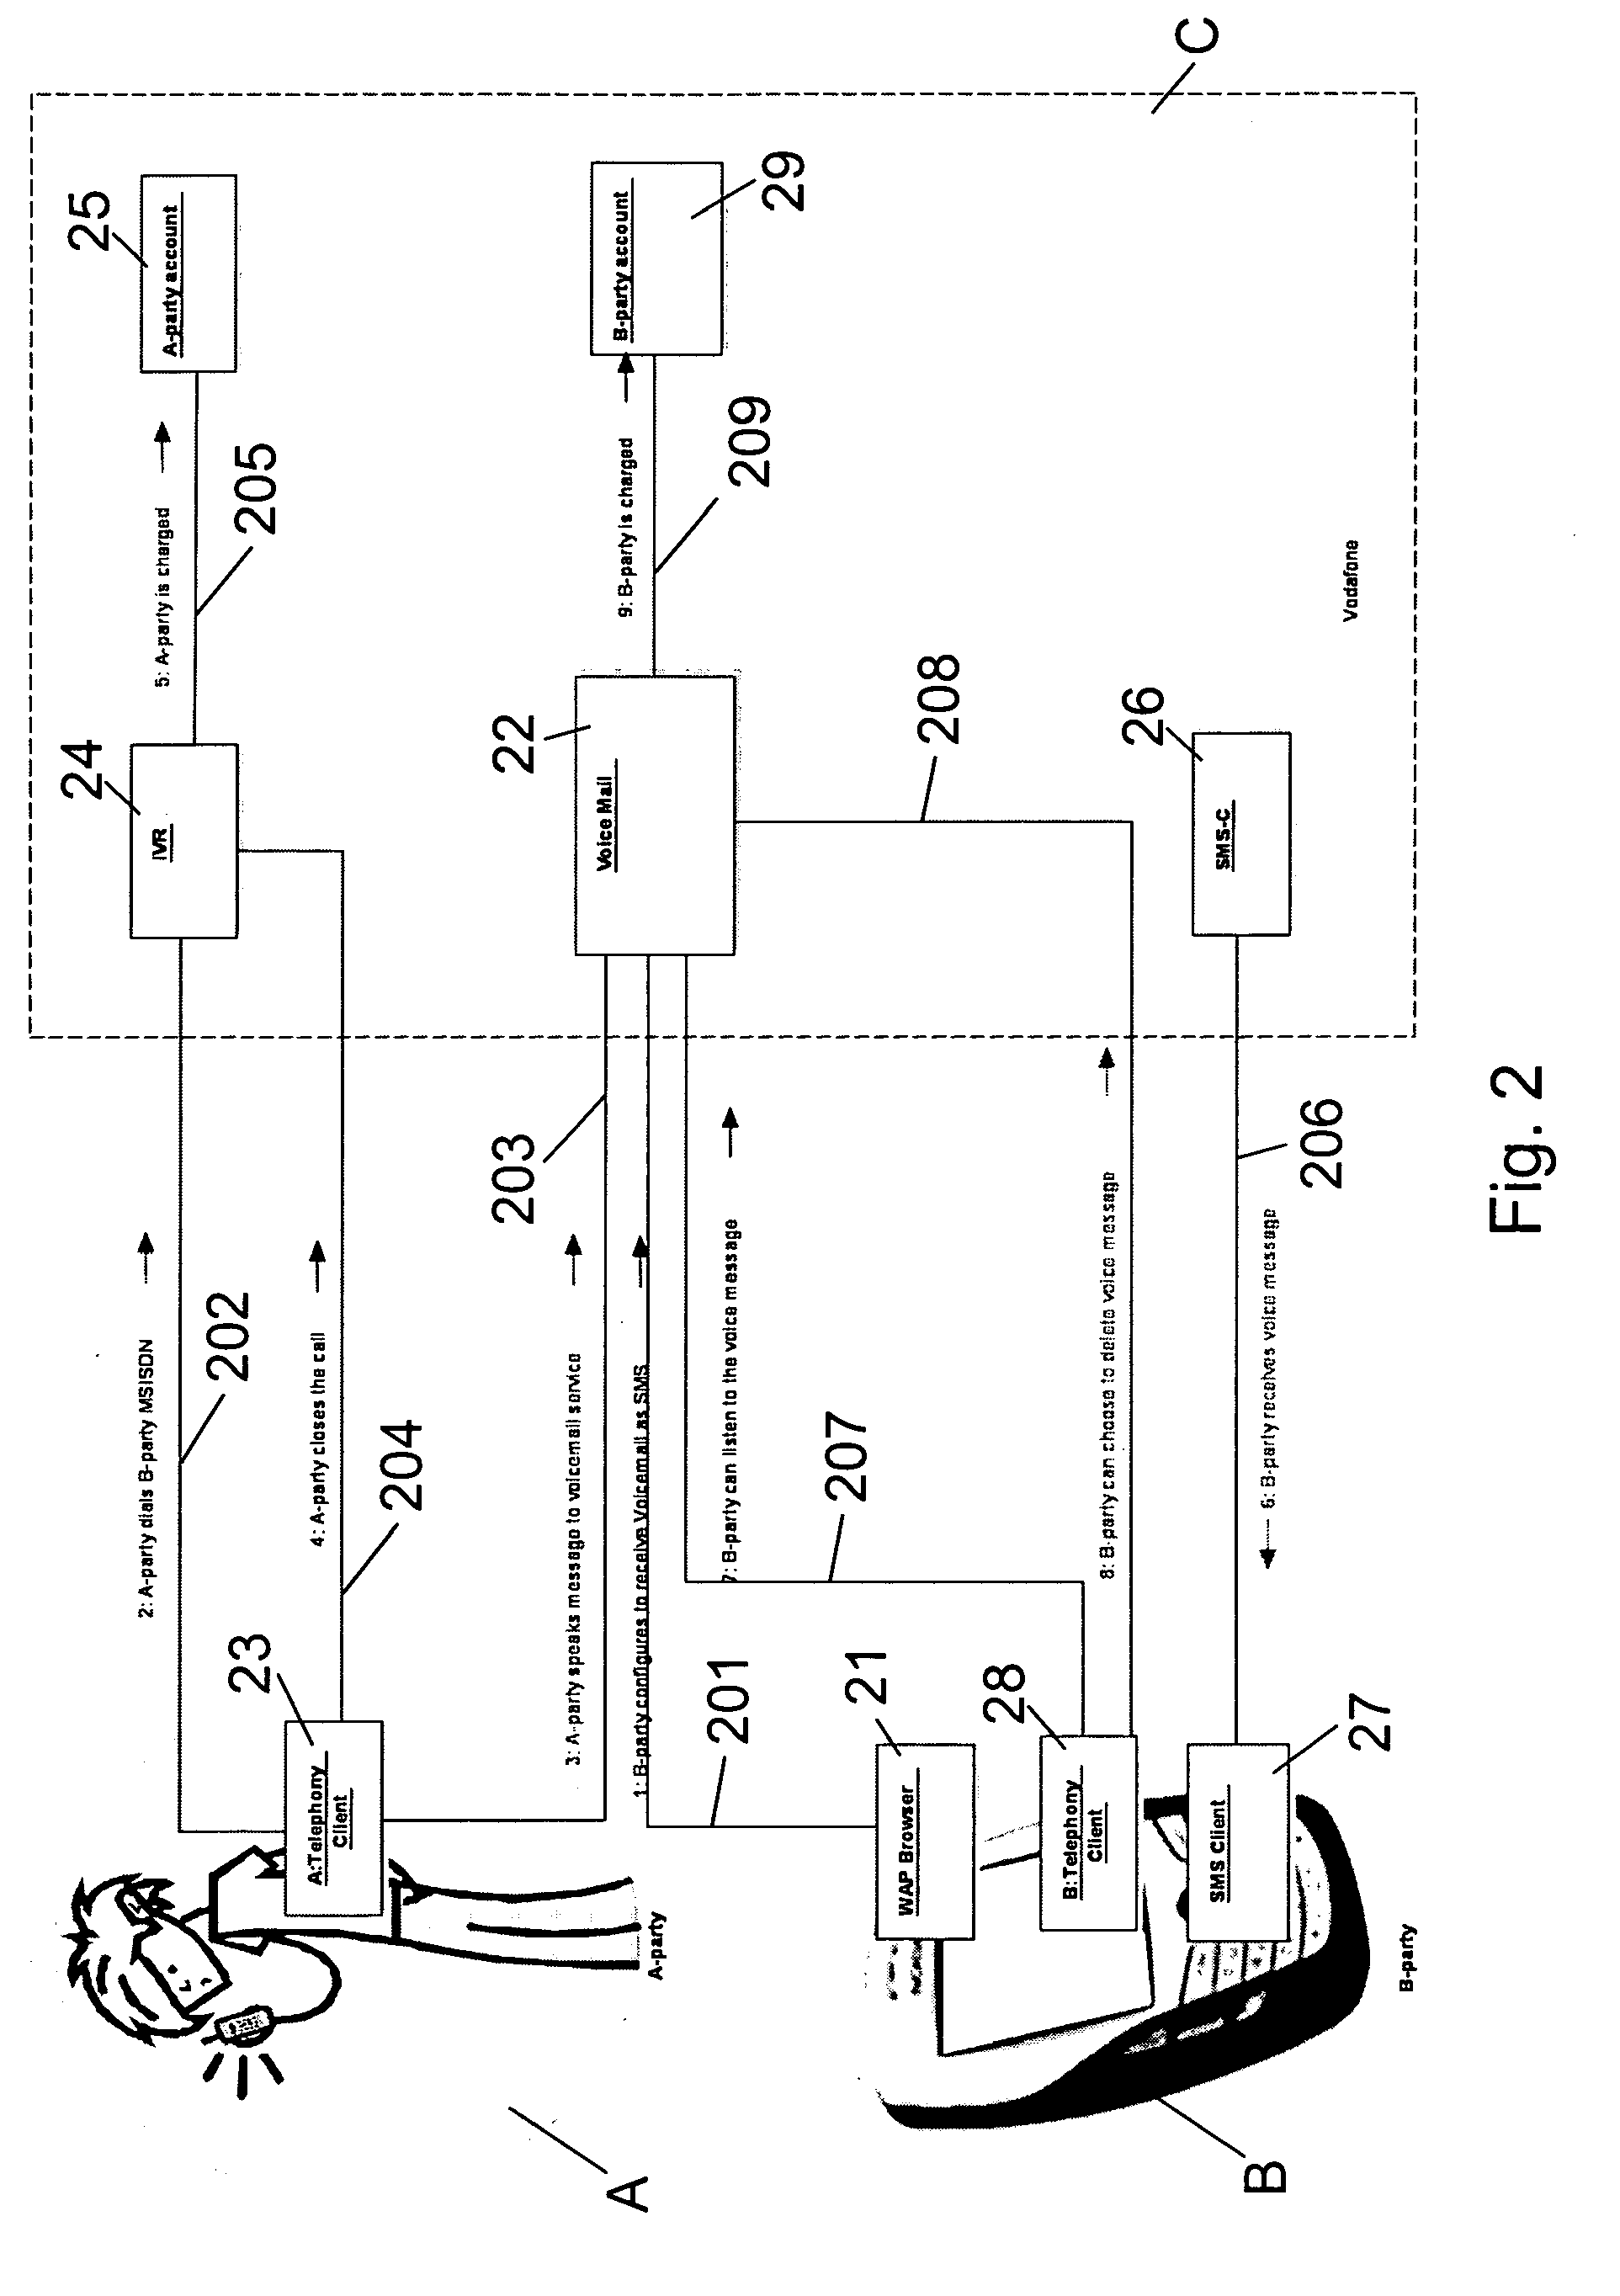 专利ep2073581a1 - transmission